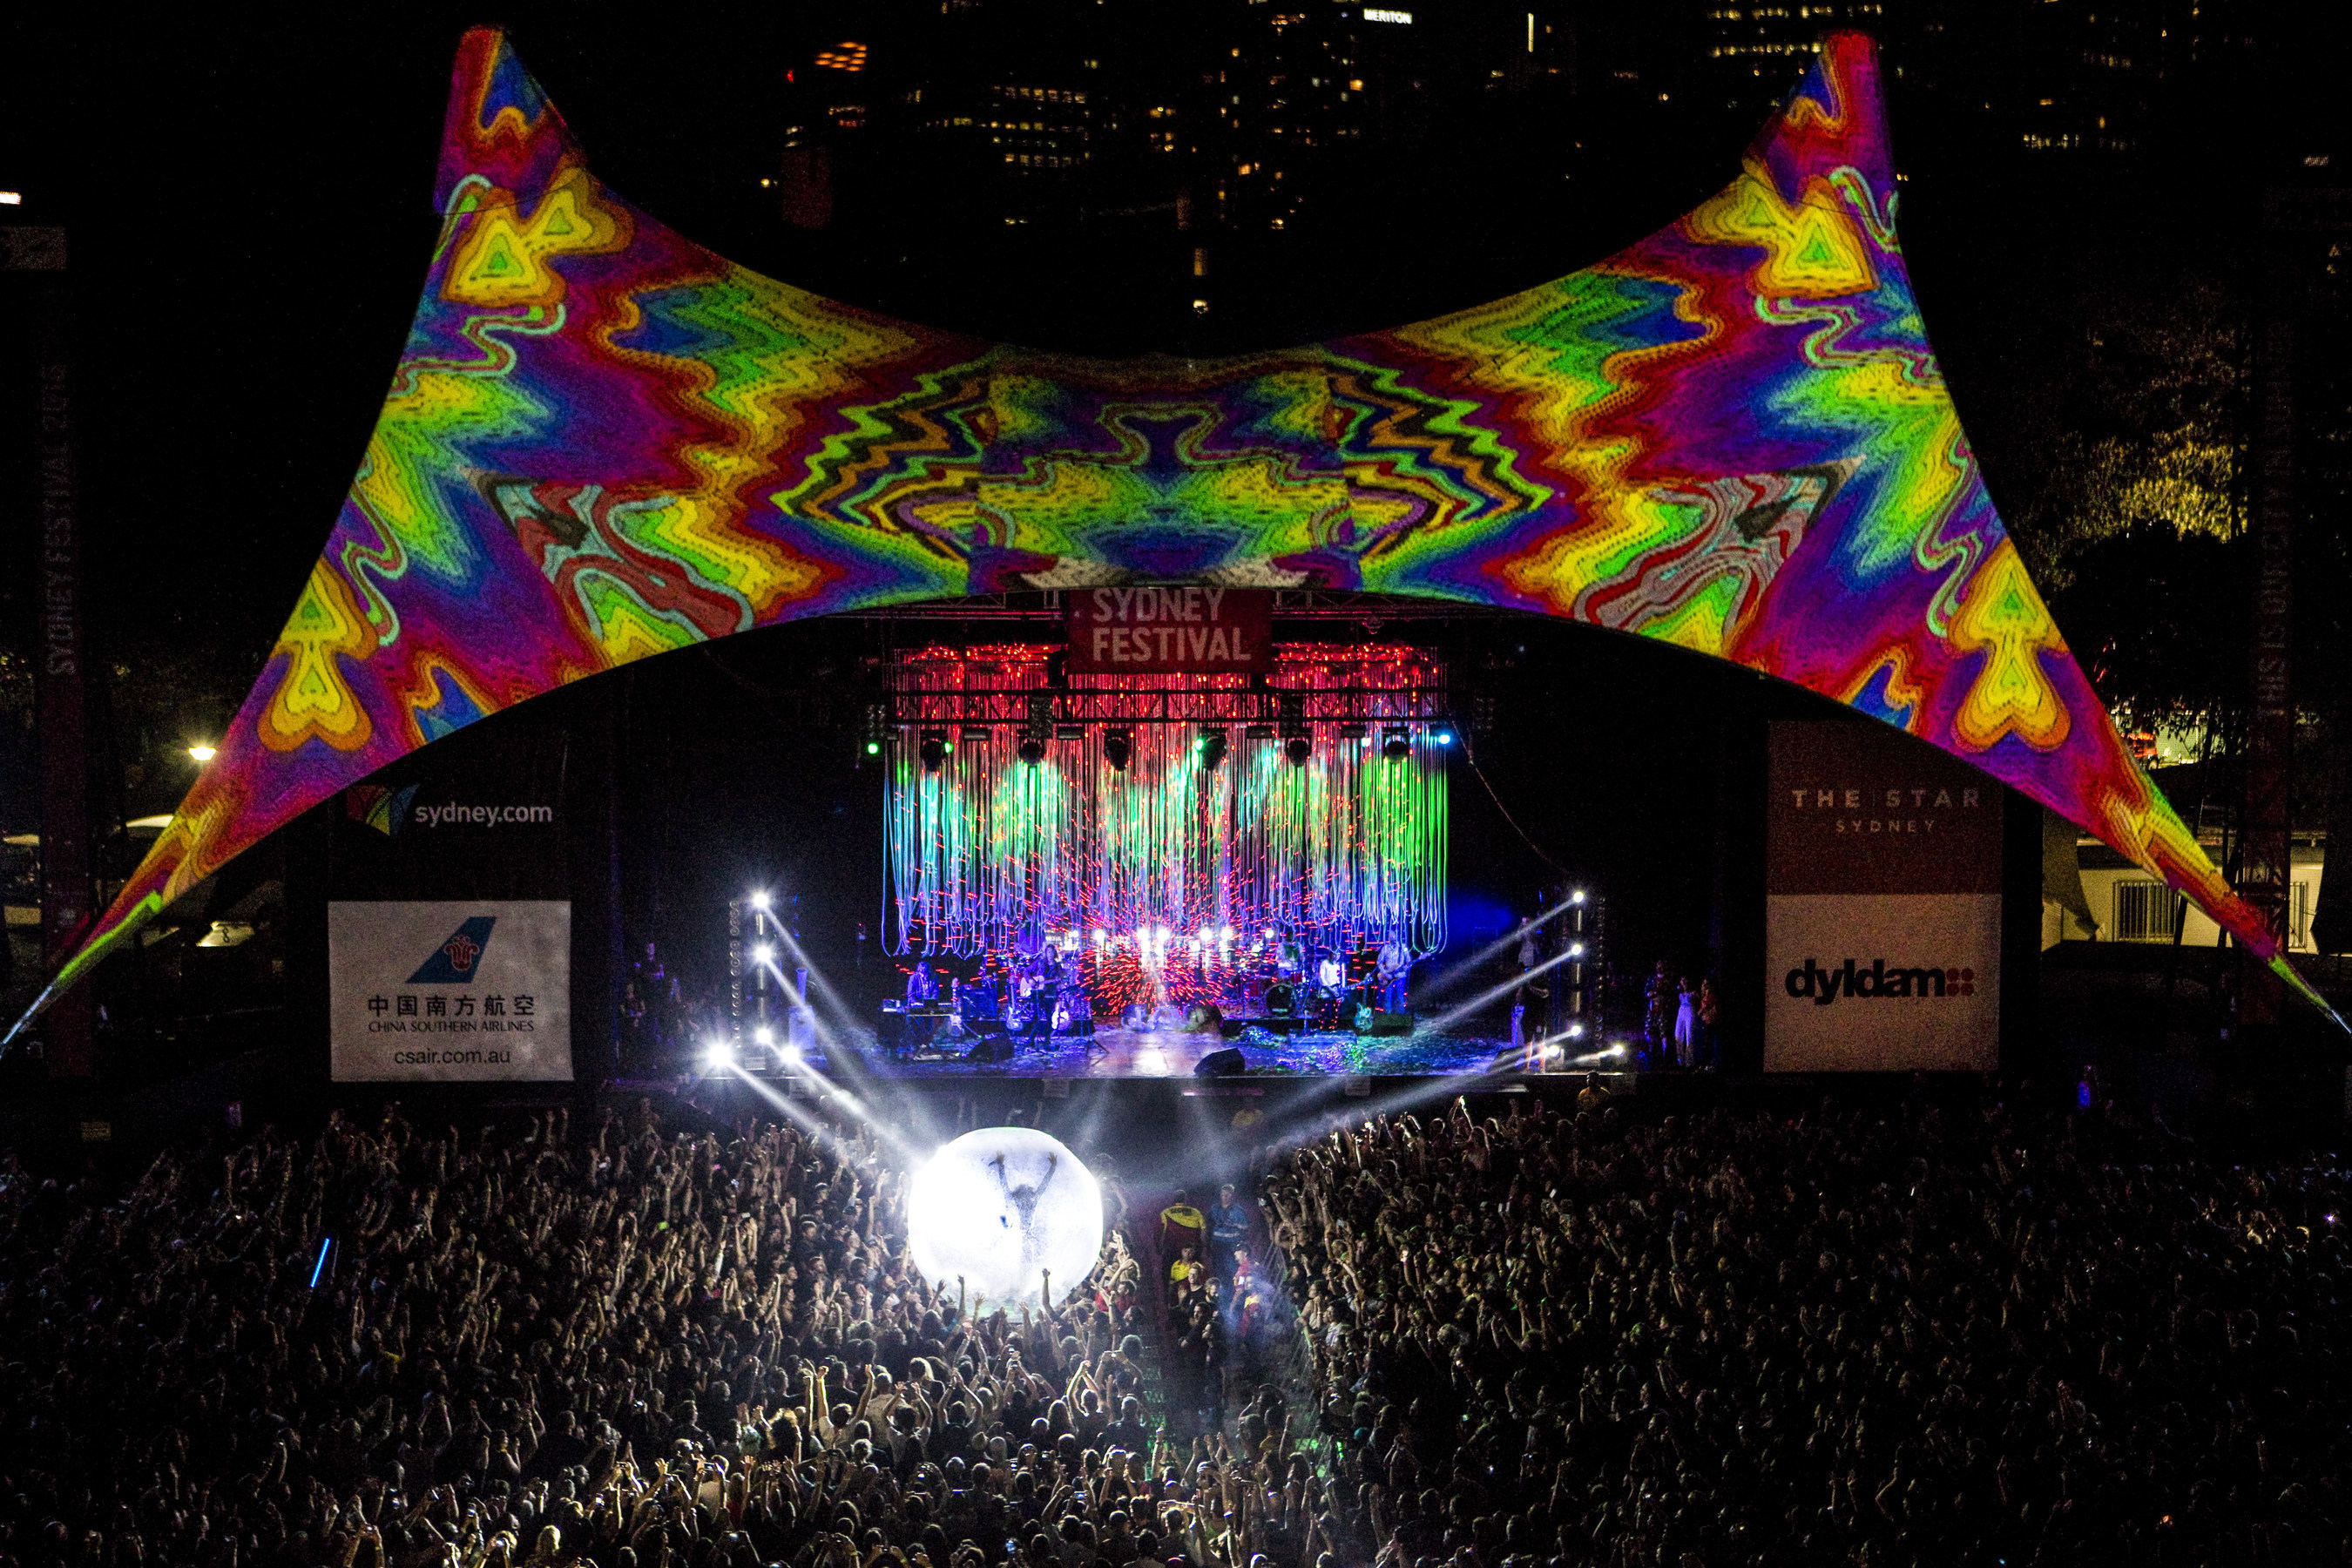 Das Sydney Festival feiert sein 40. Jubiläum